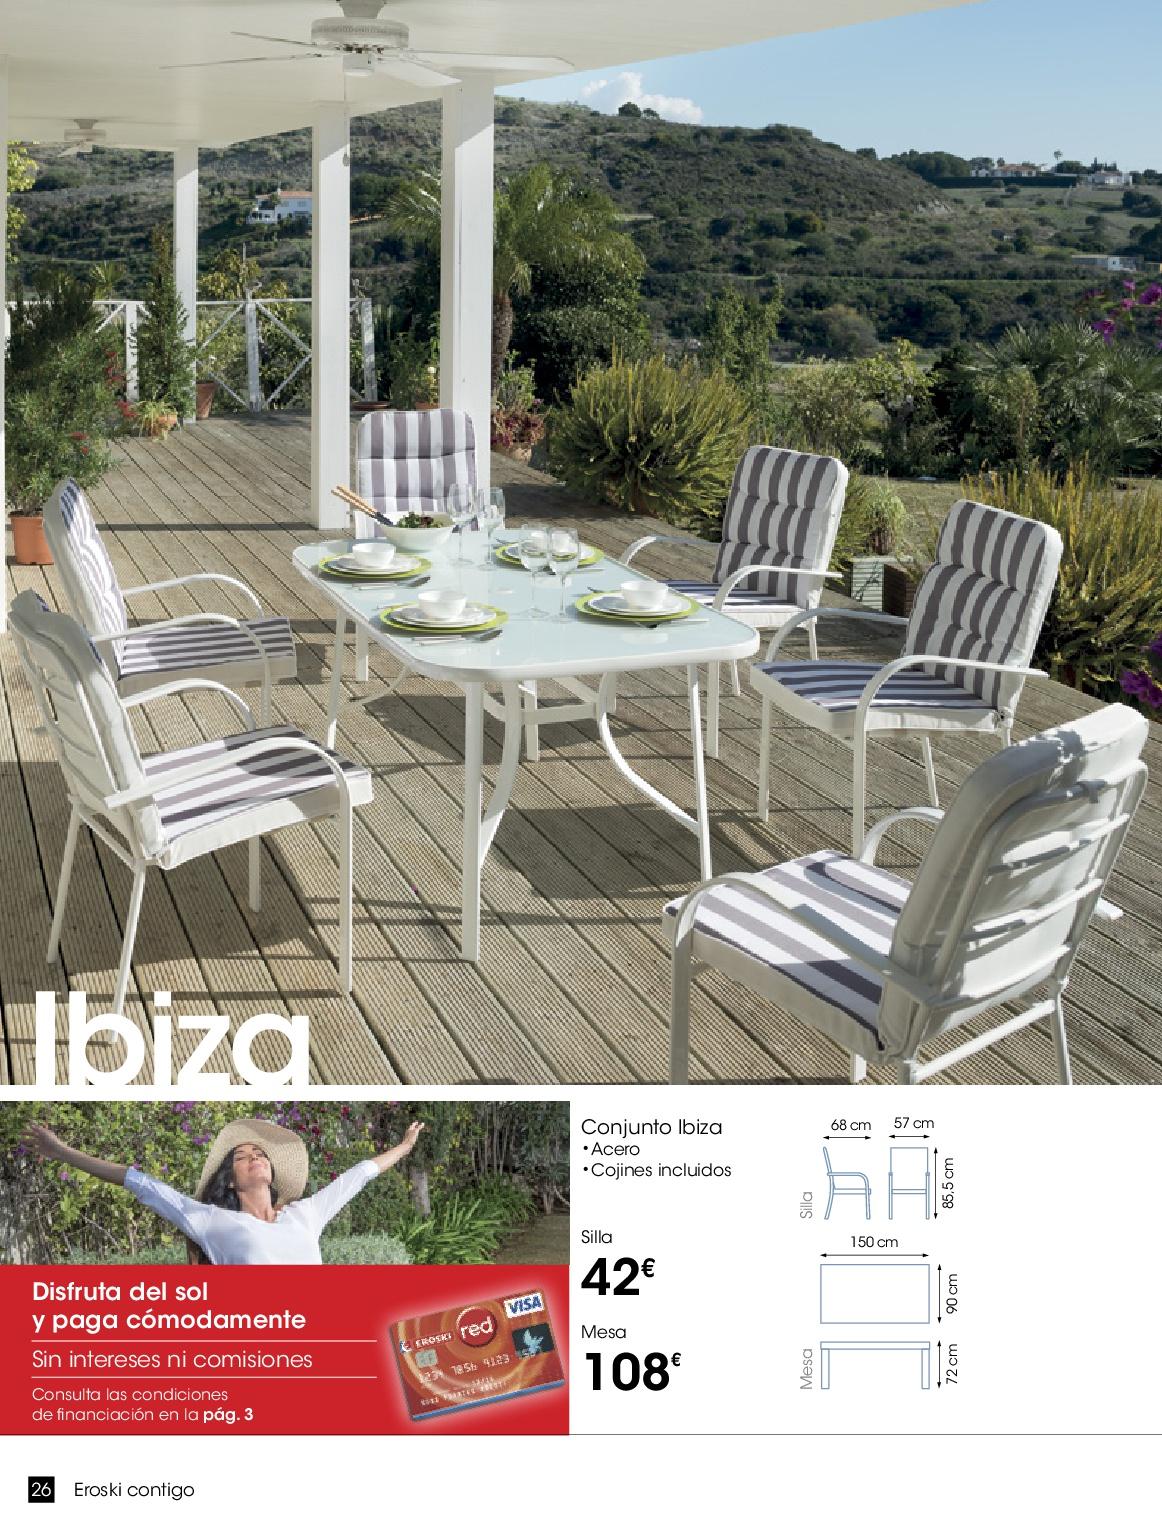 Eroski terraza jardin 201626 - Terraza y jardin ...